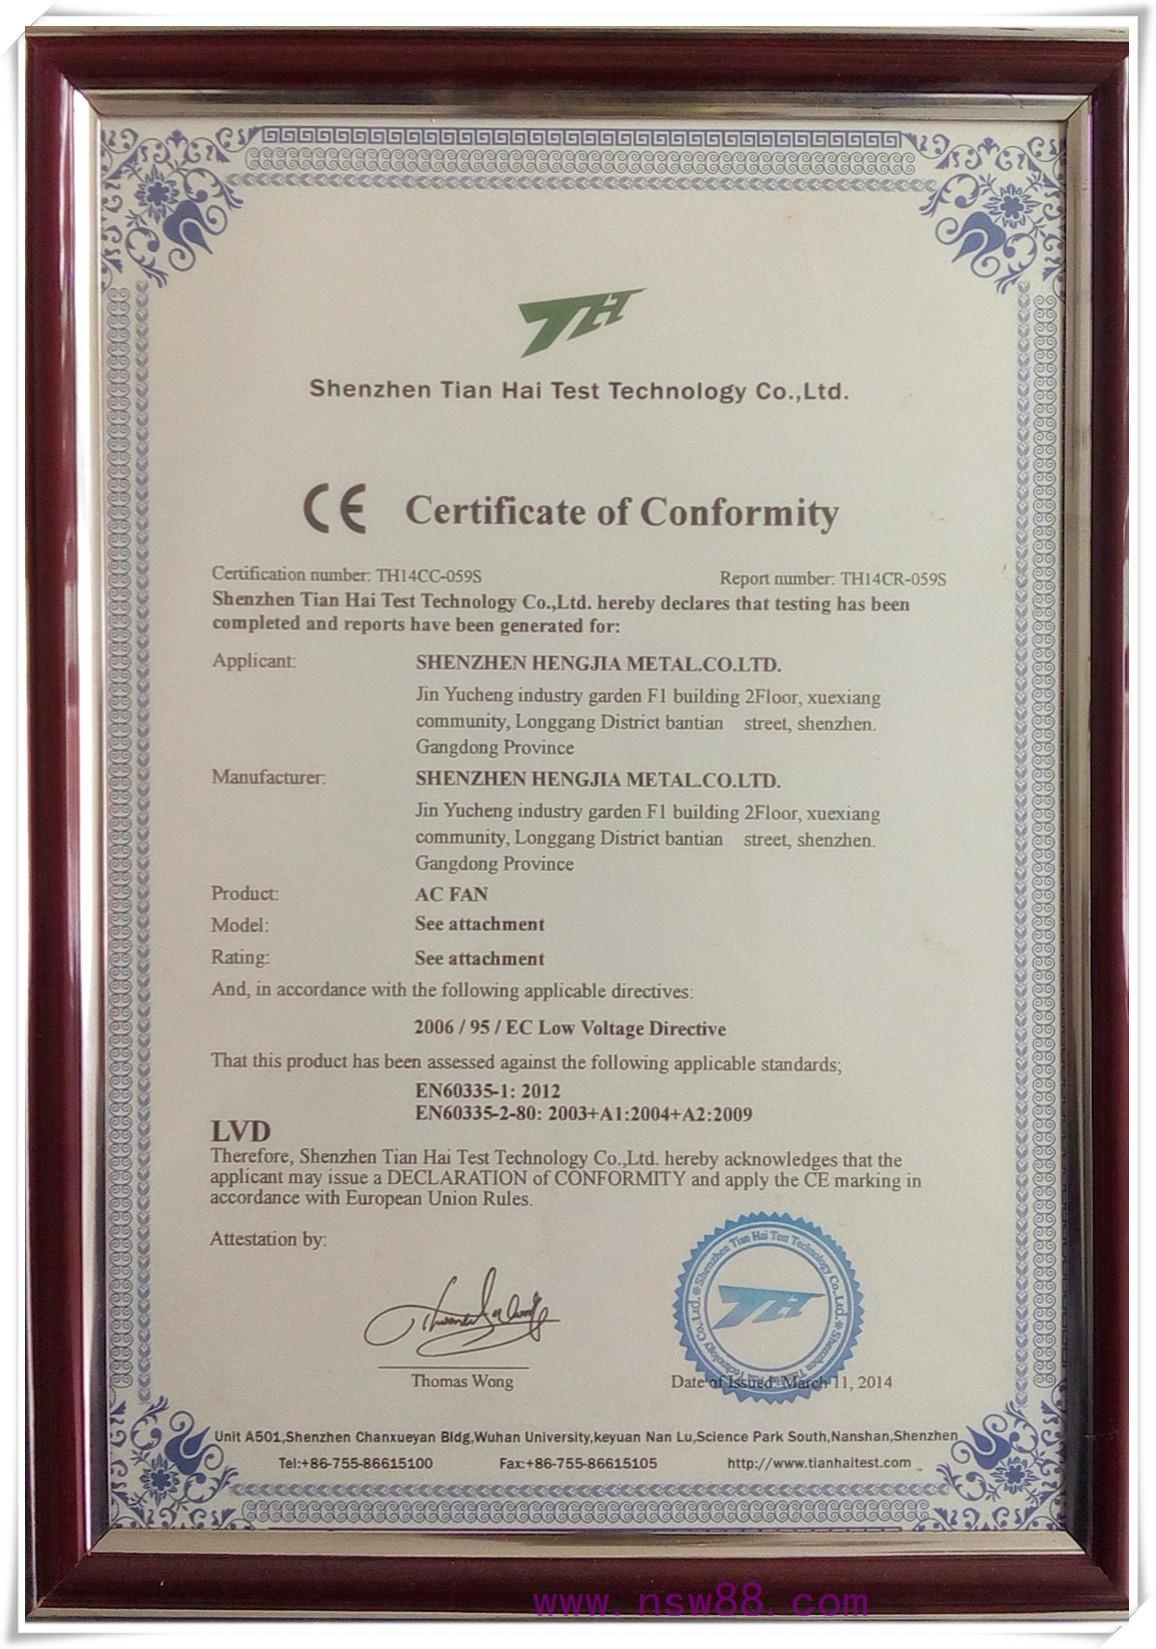 散热风扇CE认证证书(2)